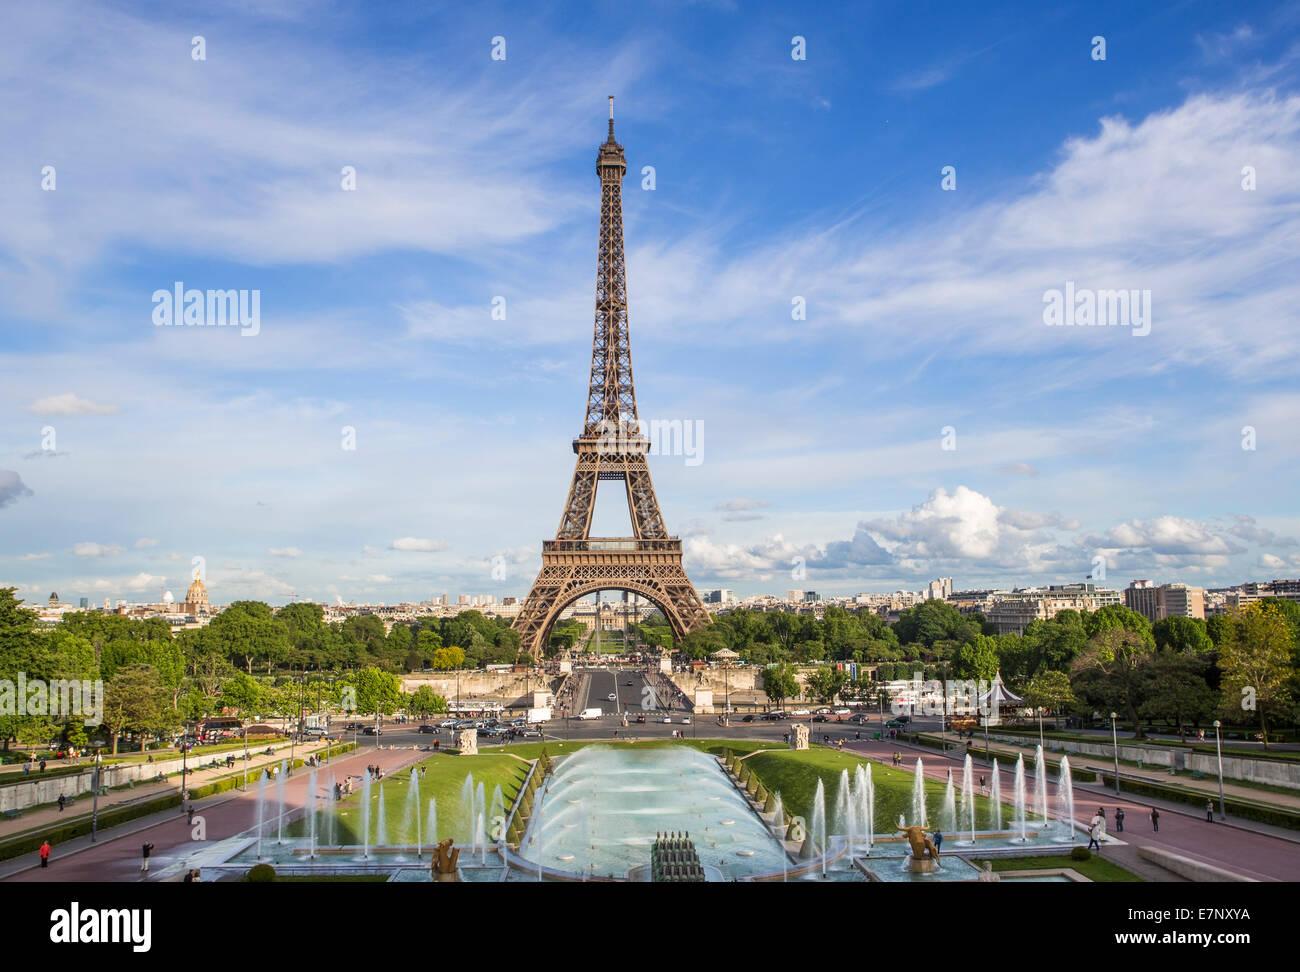 Stadt eiffelturm frankreich paris architektur ber hmte springbrunnen panorama skyline - Beruhmte architektur ...